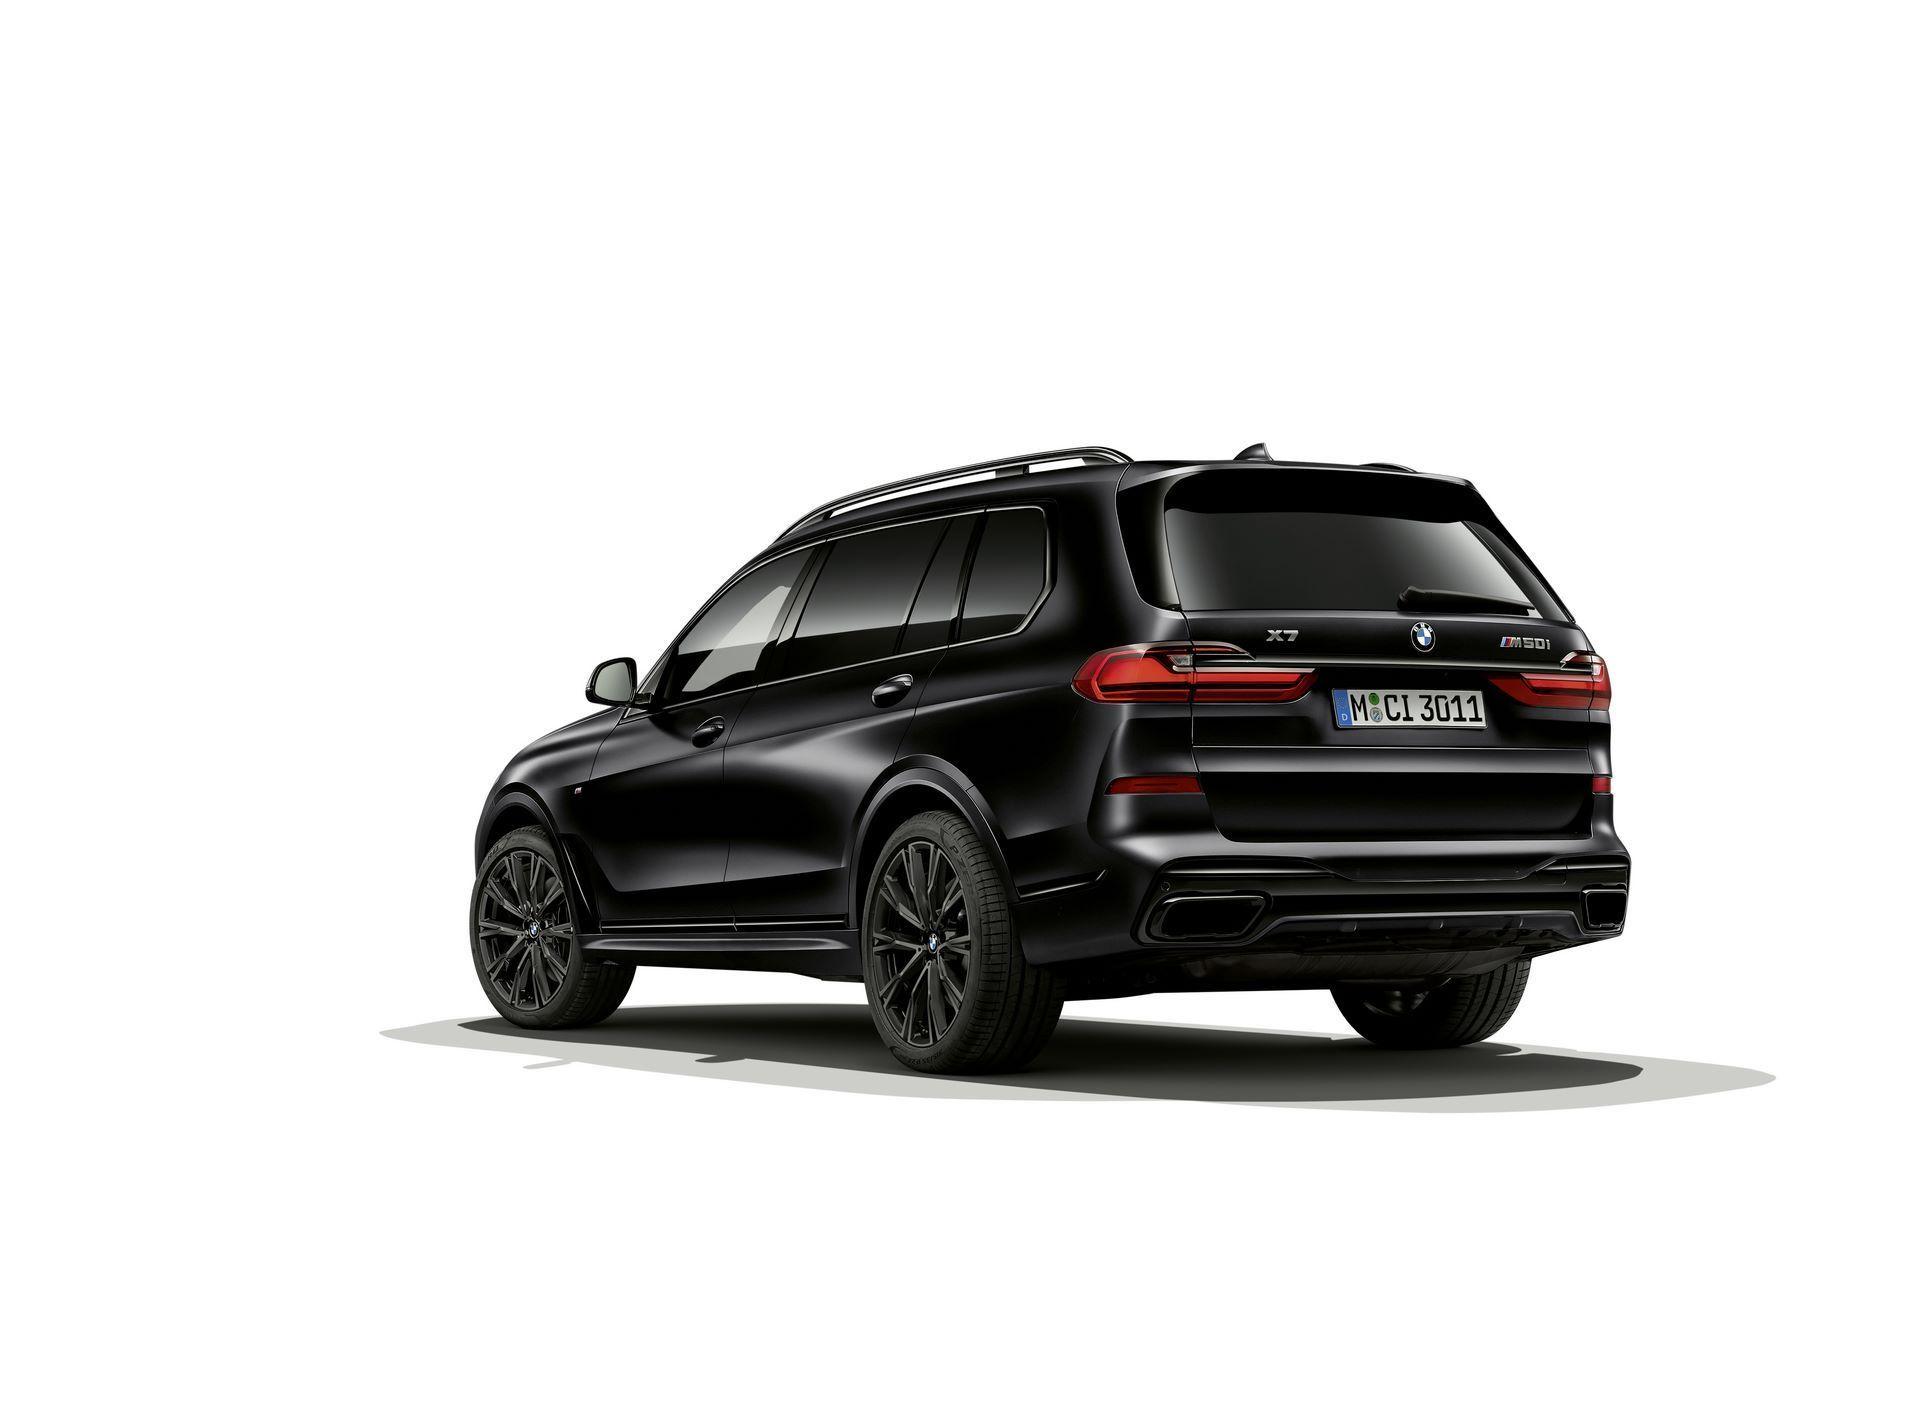 BMW-X5-Χ6-Black-Vermilion-X7-Limited-Edition-46